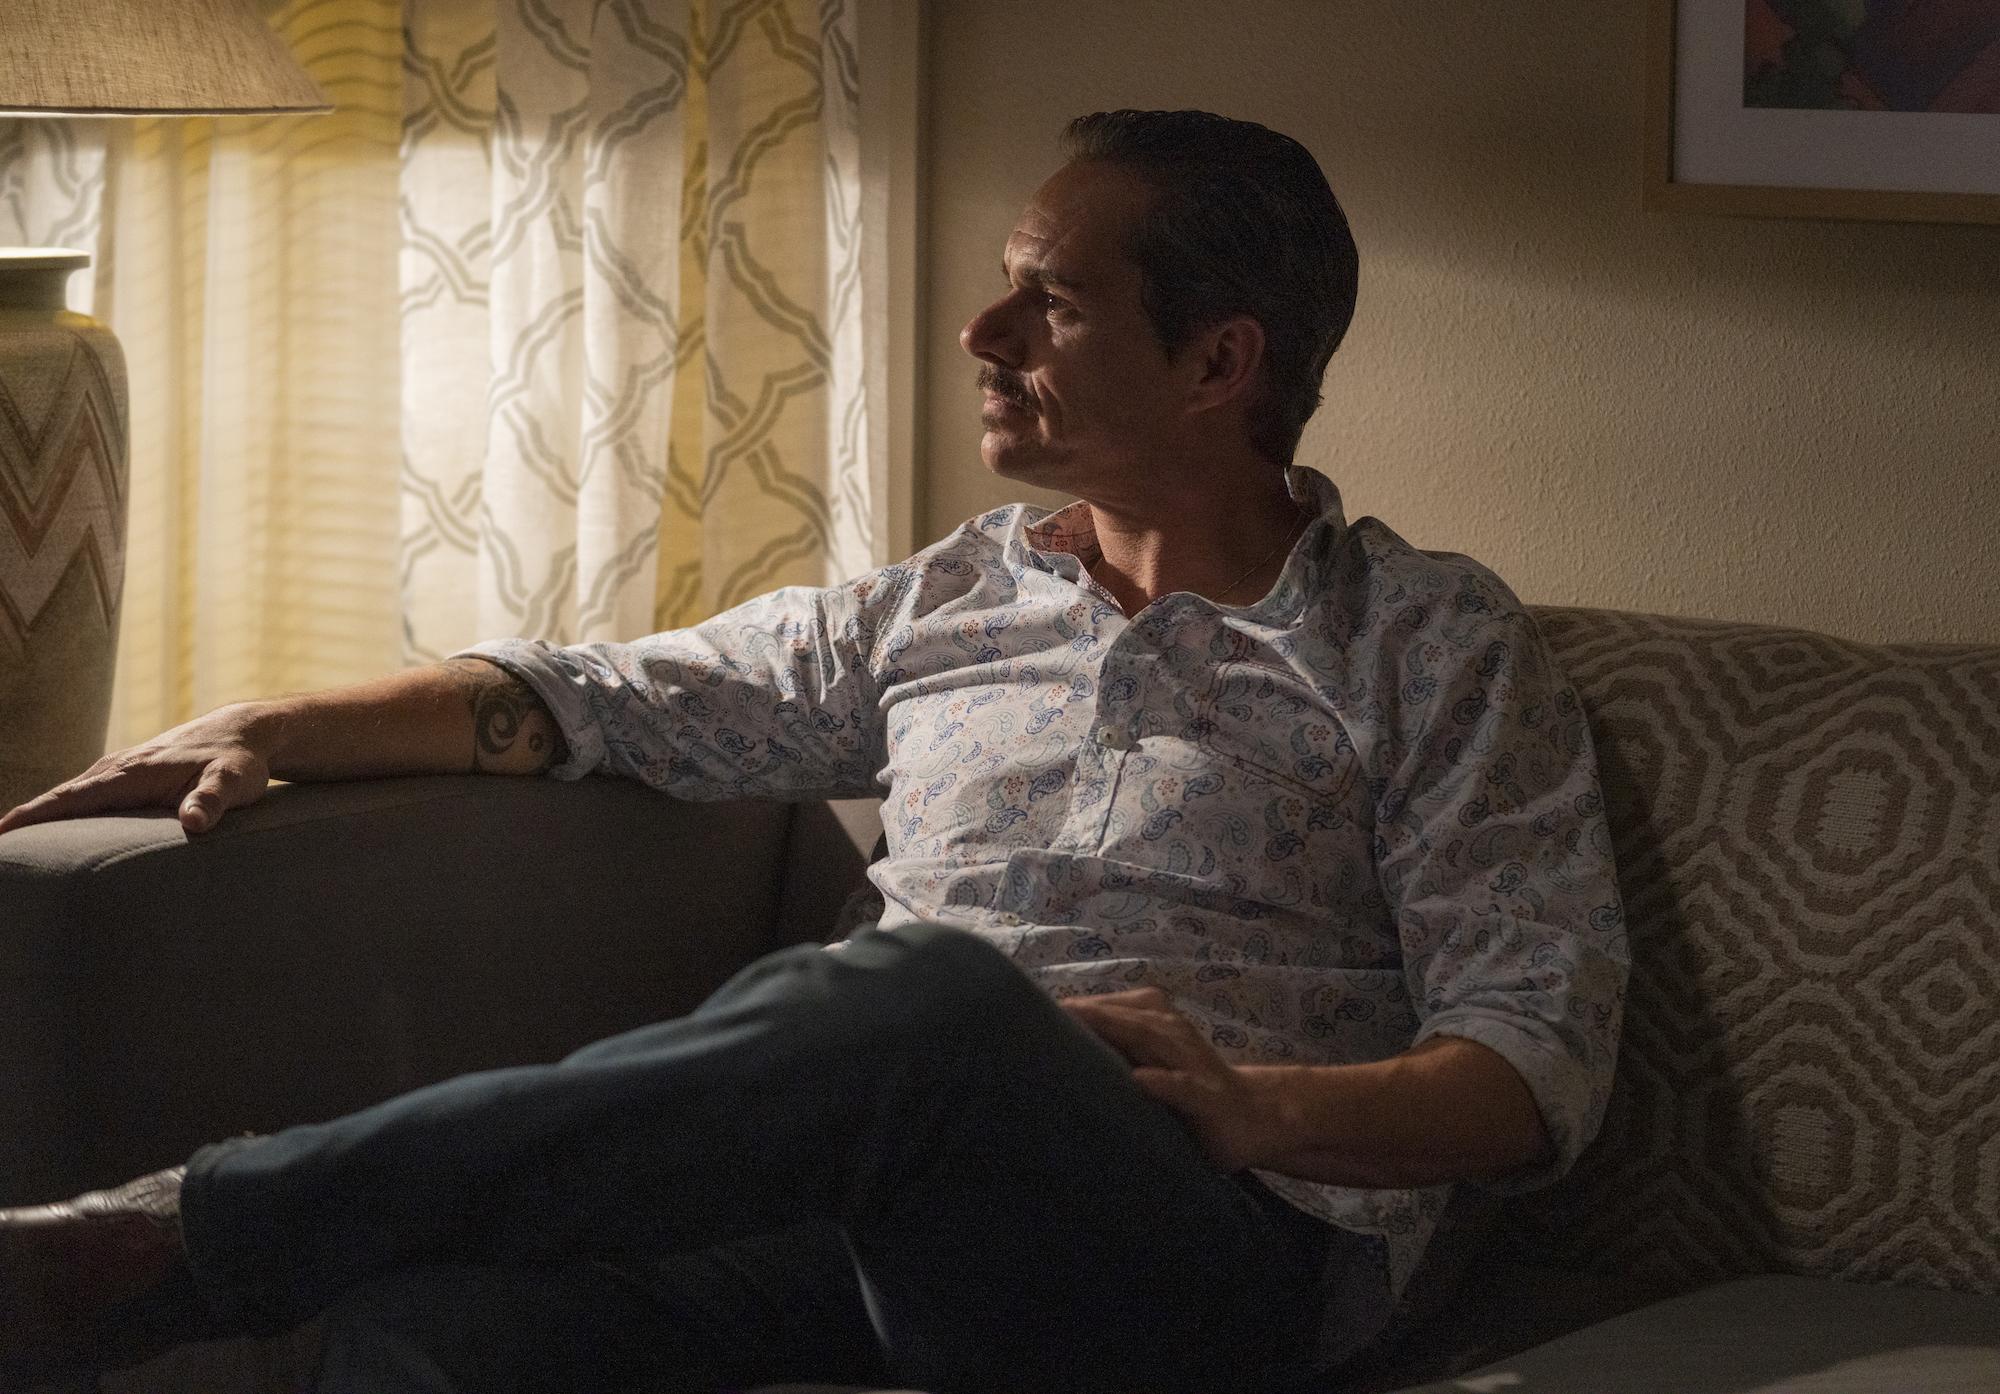 Lalo ser ut som att han bara sitter och chillar lite. Men han har aldrig varit med farlig. Foto: Netflix.